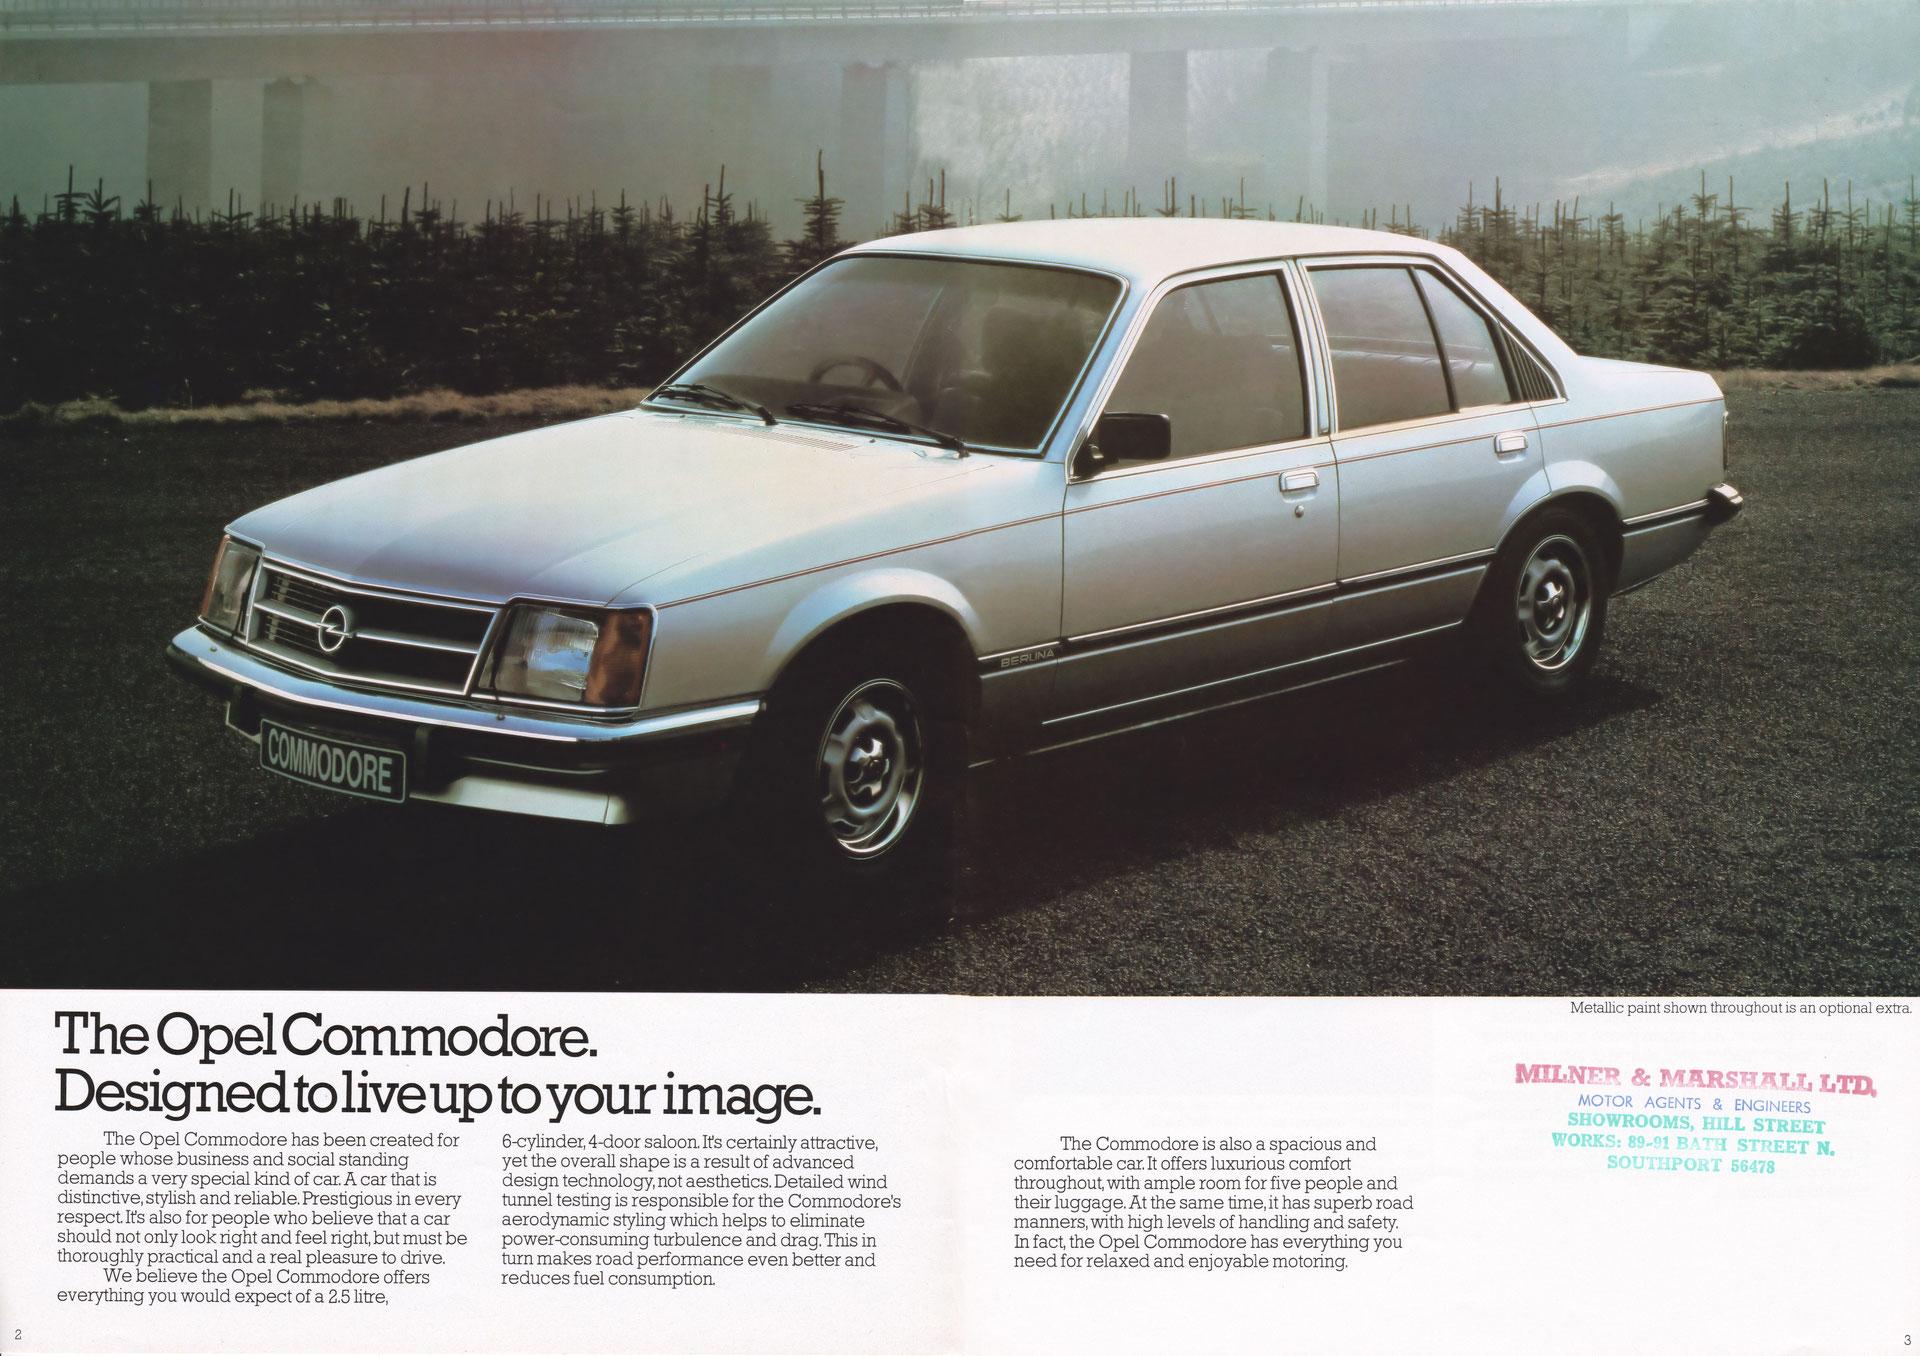 opel commodore c 11/81 uk